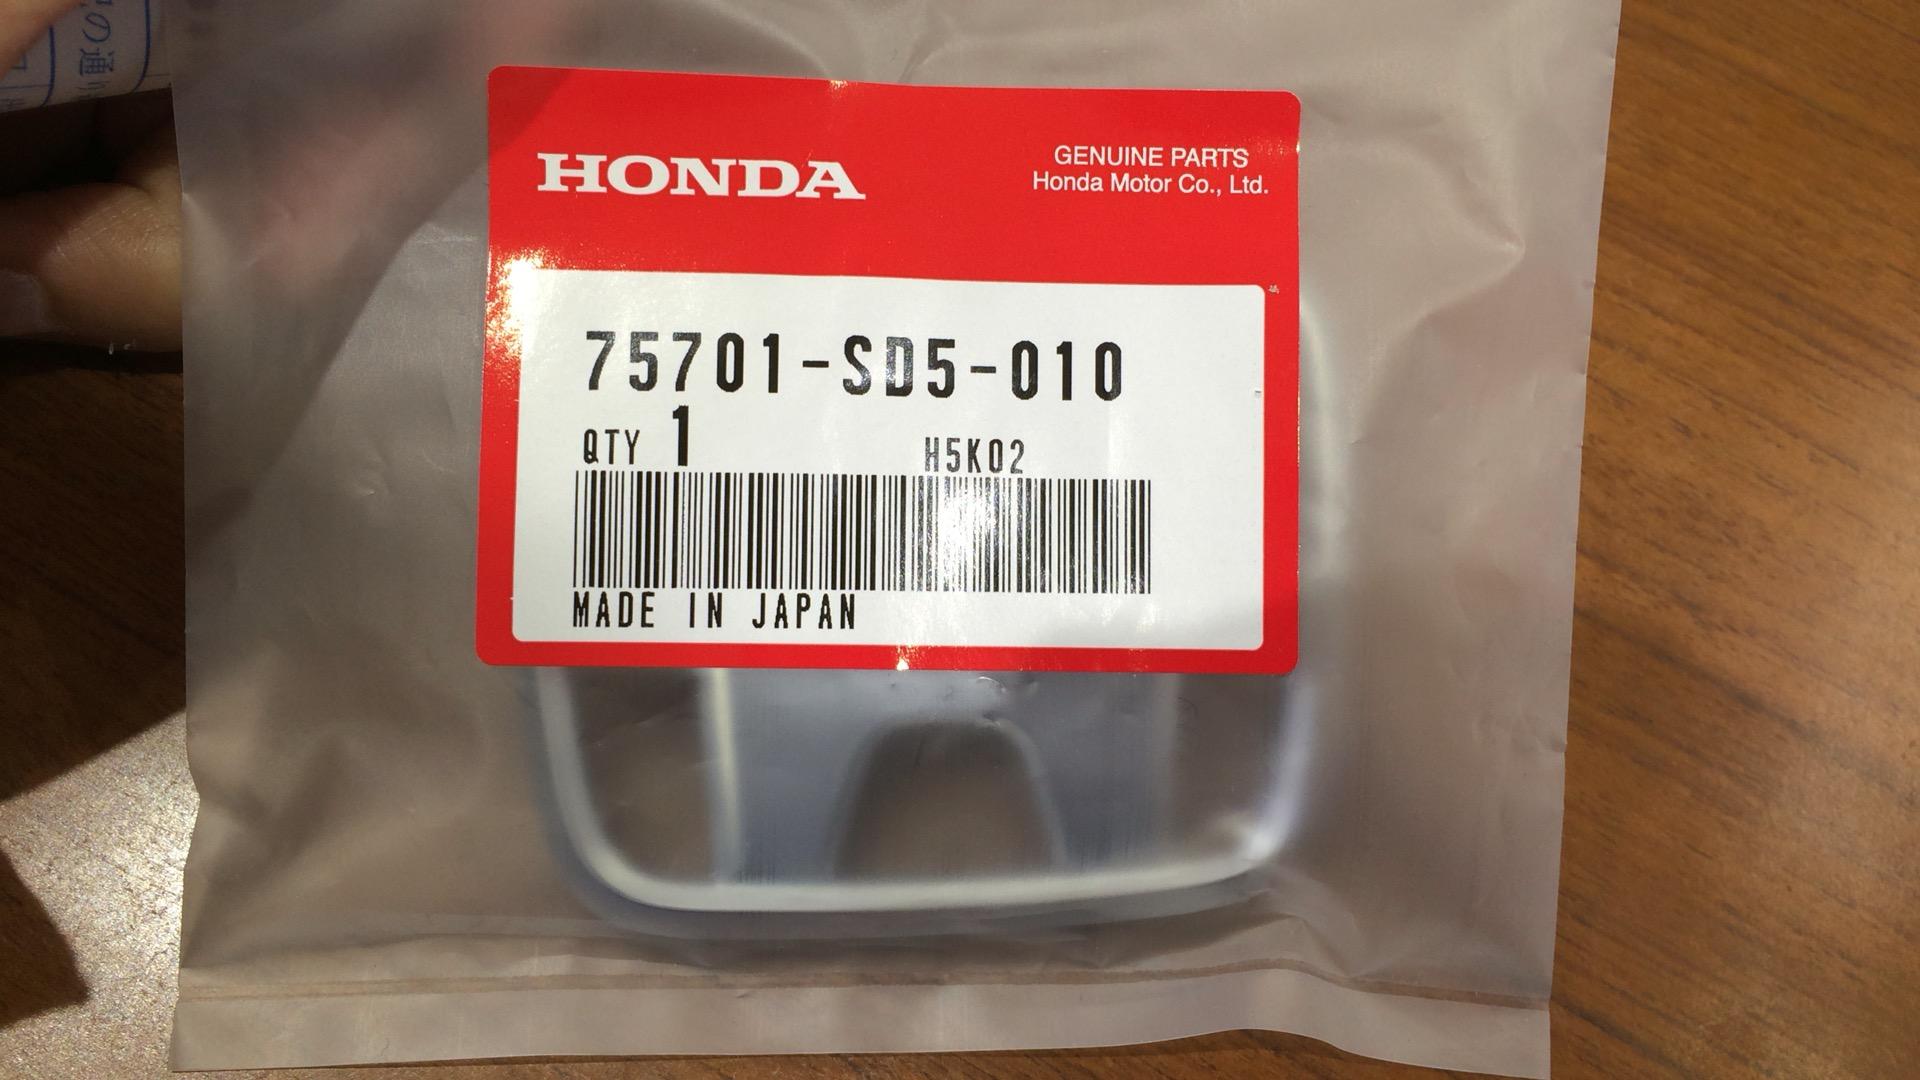 ホンダのエンブレムのHマークは1230円で両面テープで貼り付けてあるだけという事実